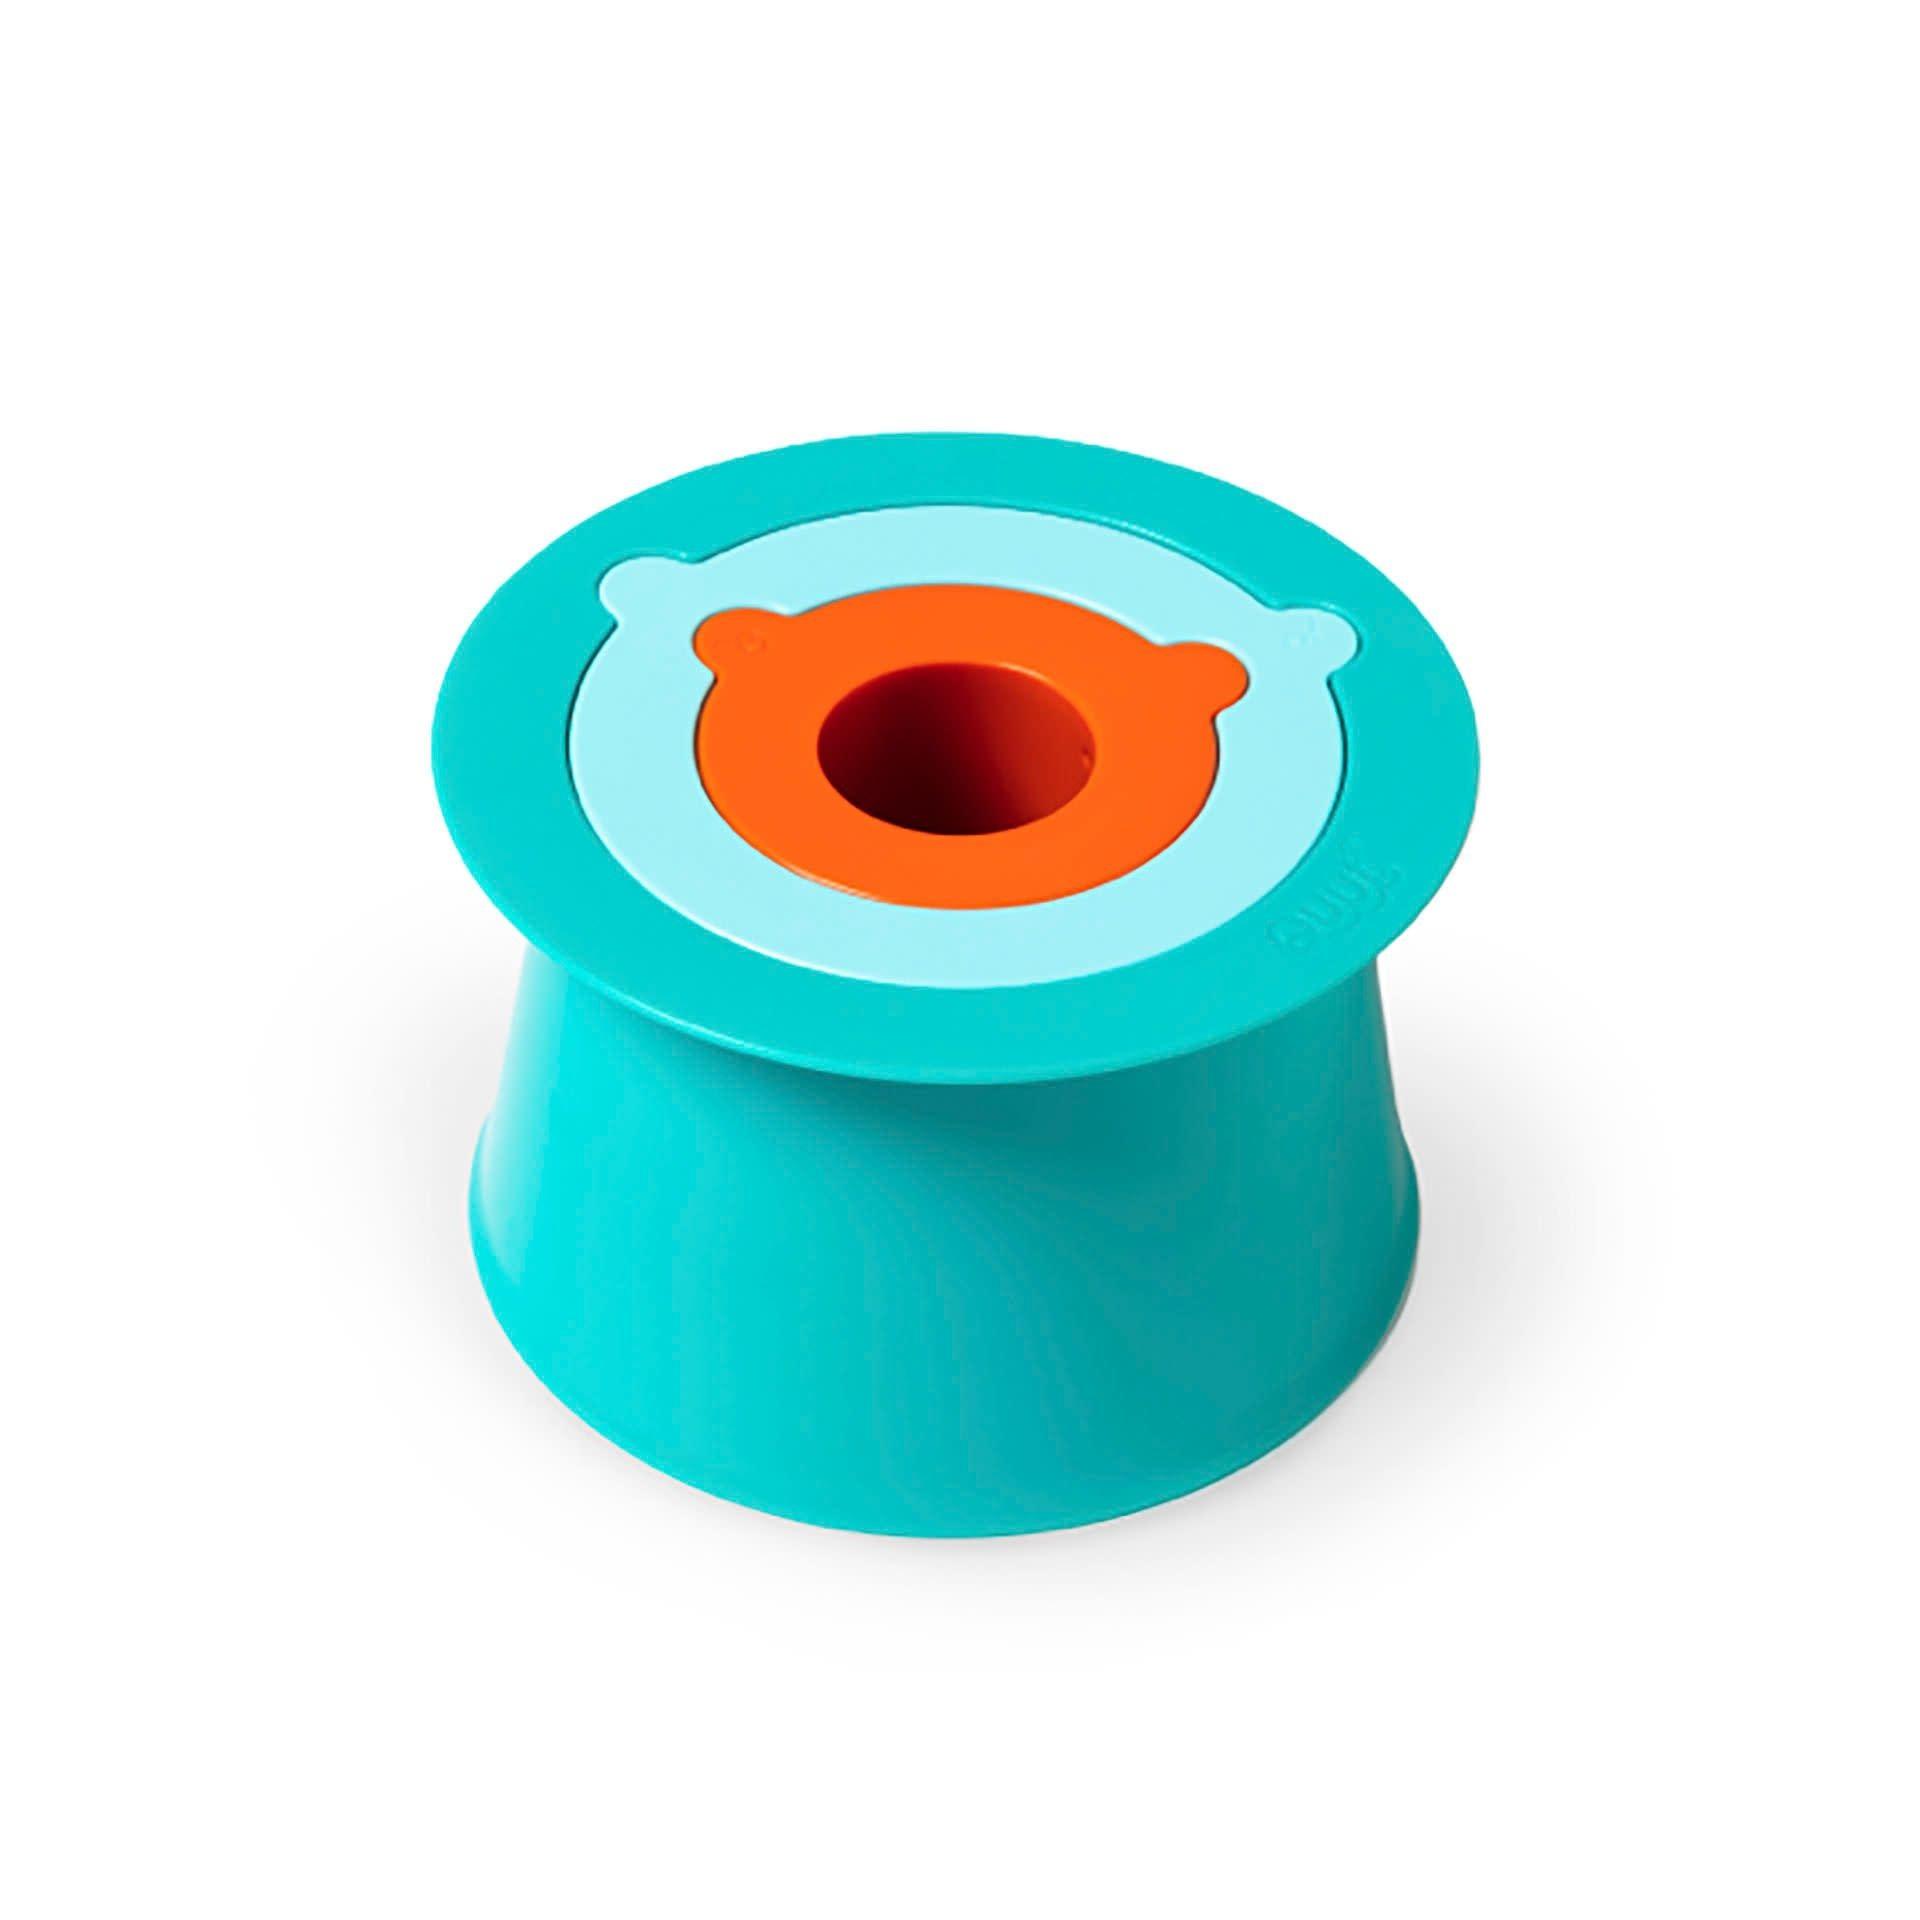 Quut Alto Lagoon Green + Vintage Blue + Mighty Orange (set)